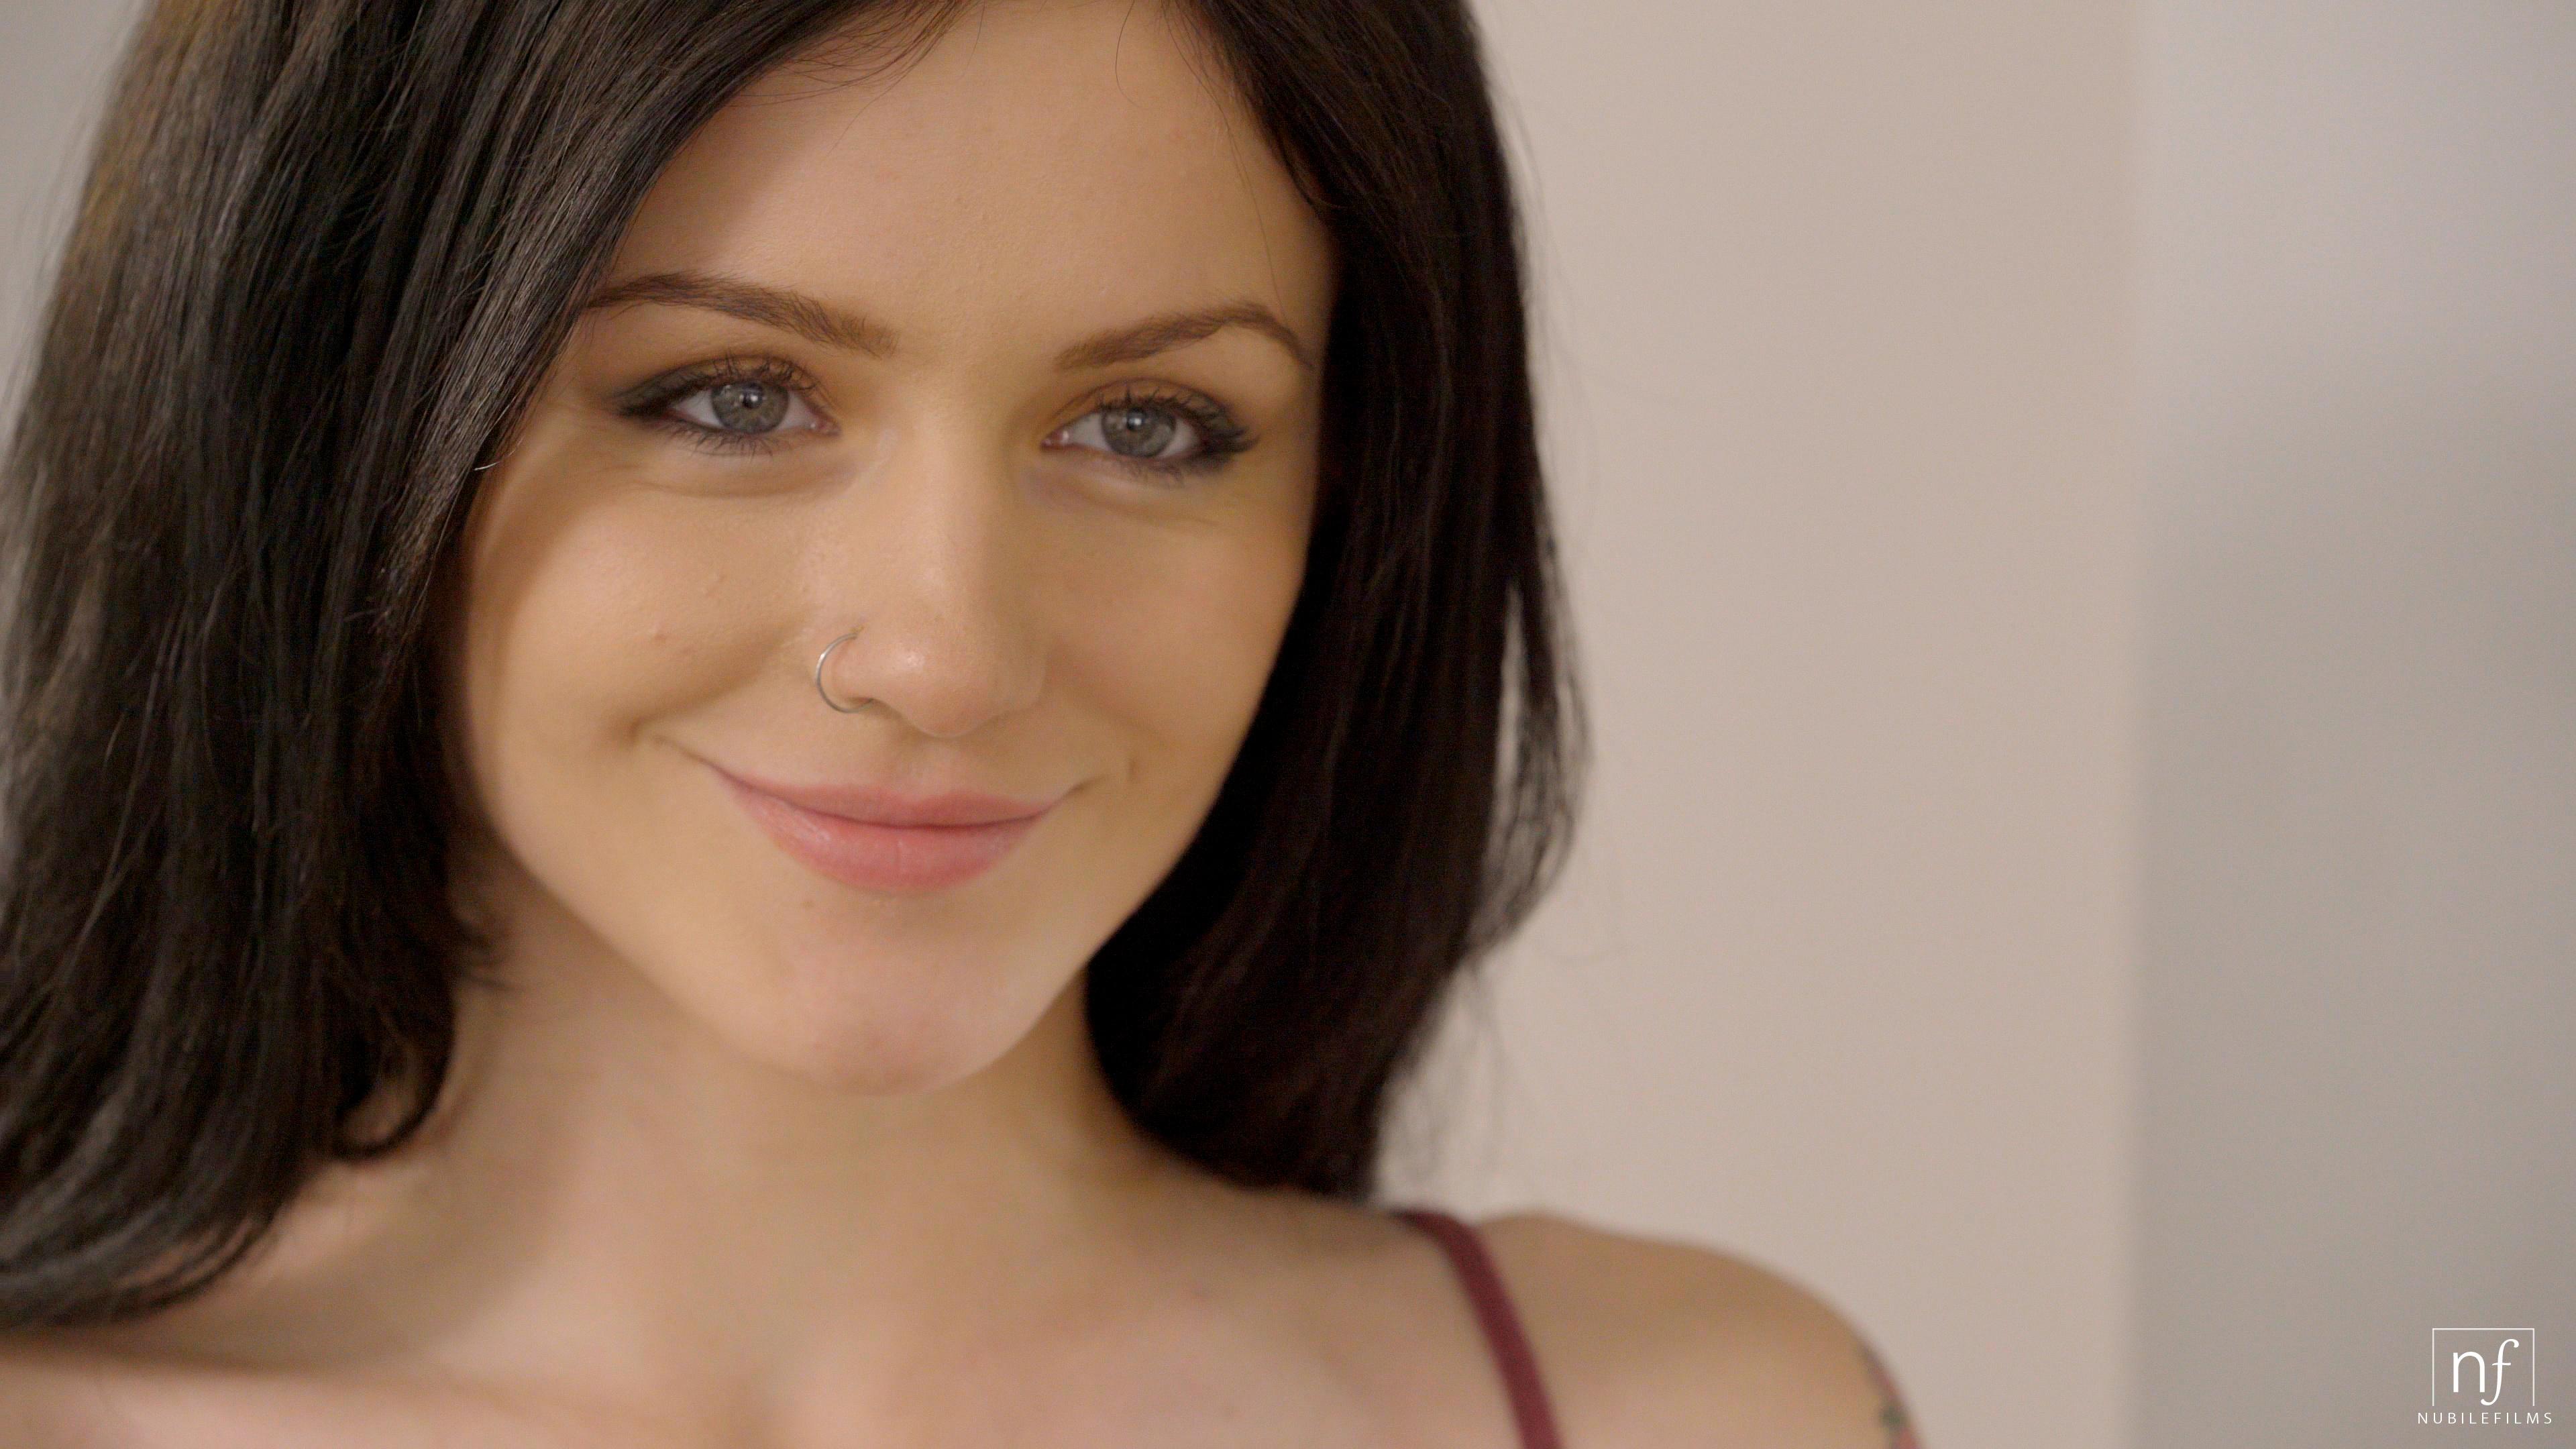 NubileFilms.com - Jake Adams,Rosalyn Sphinx: Give In To Me - S31:E30